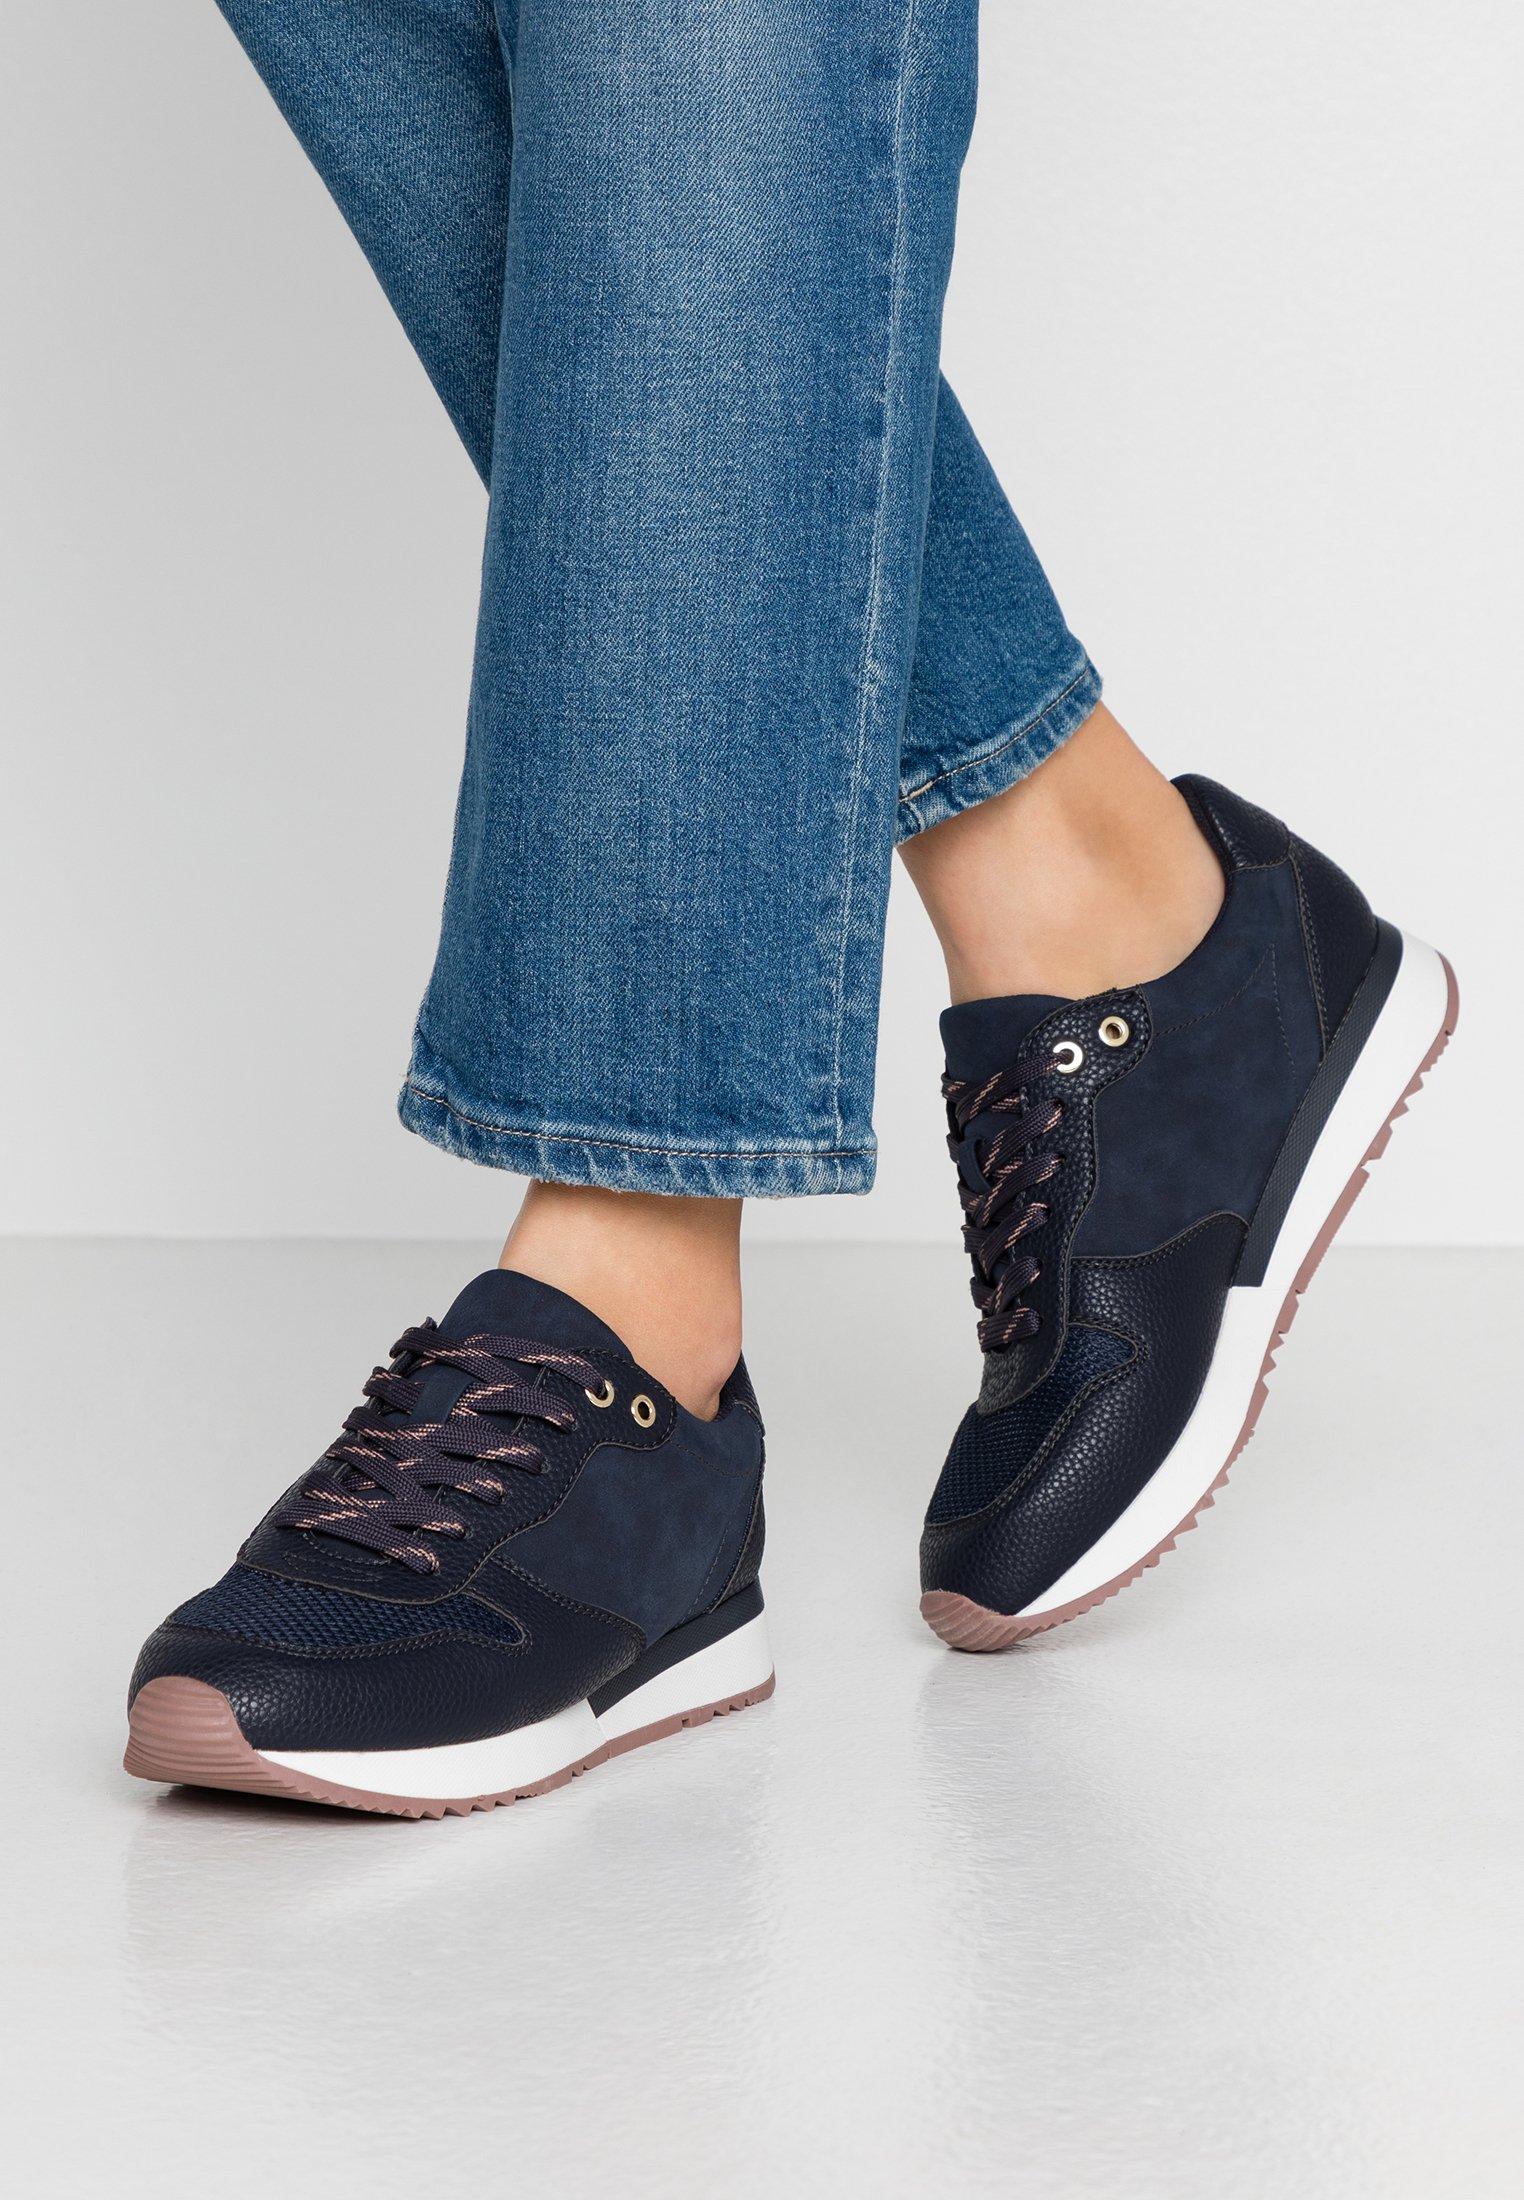 Parfois Chaussures Basket sans Talon Noir Femmes